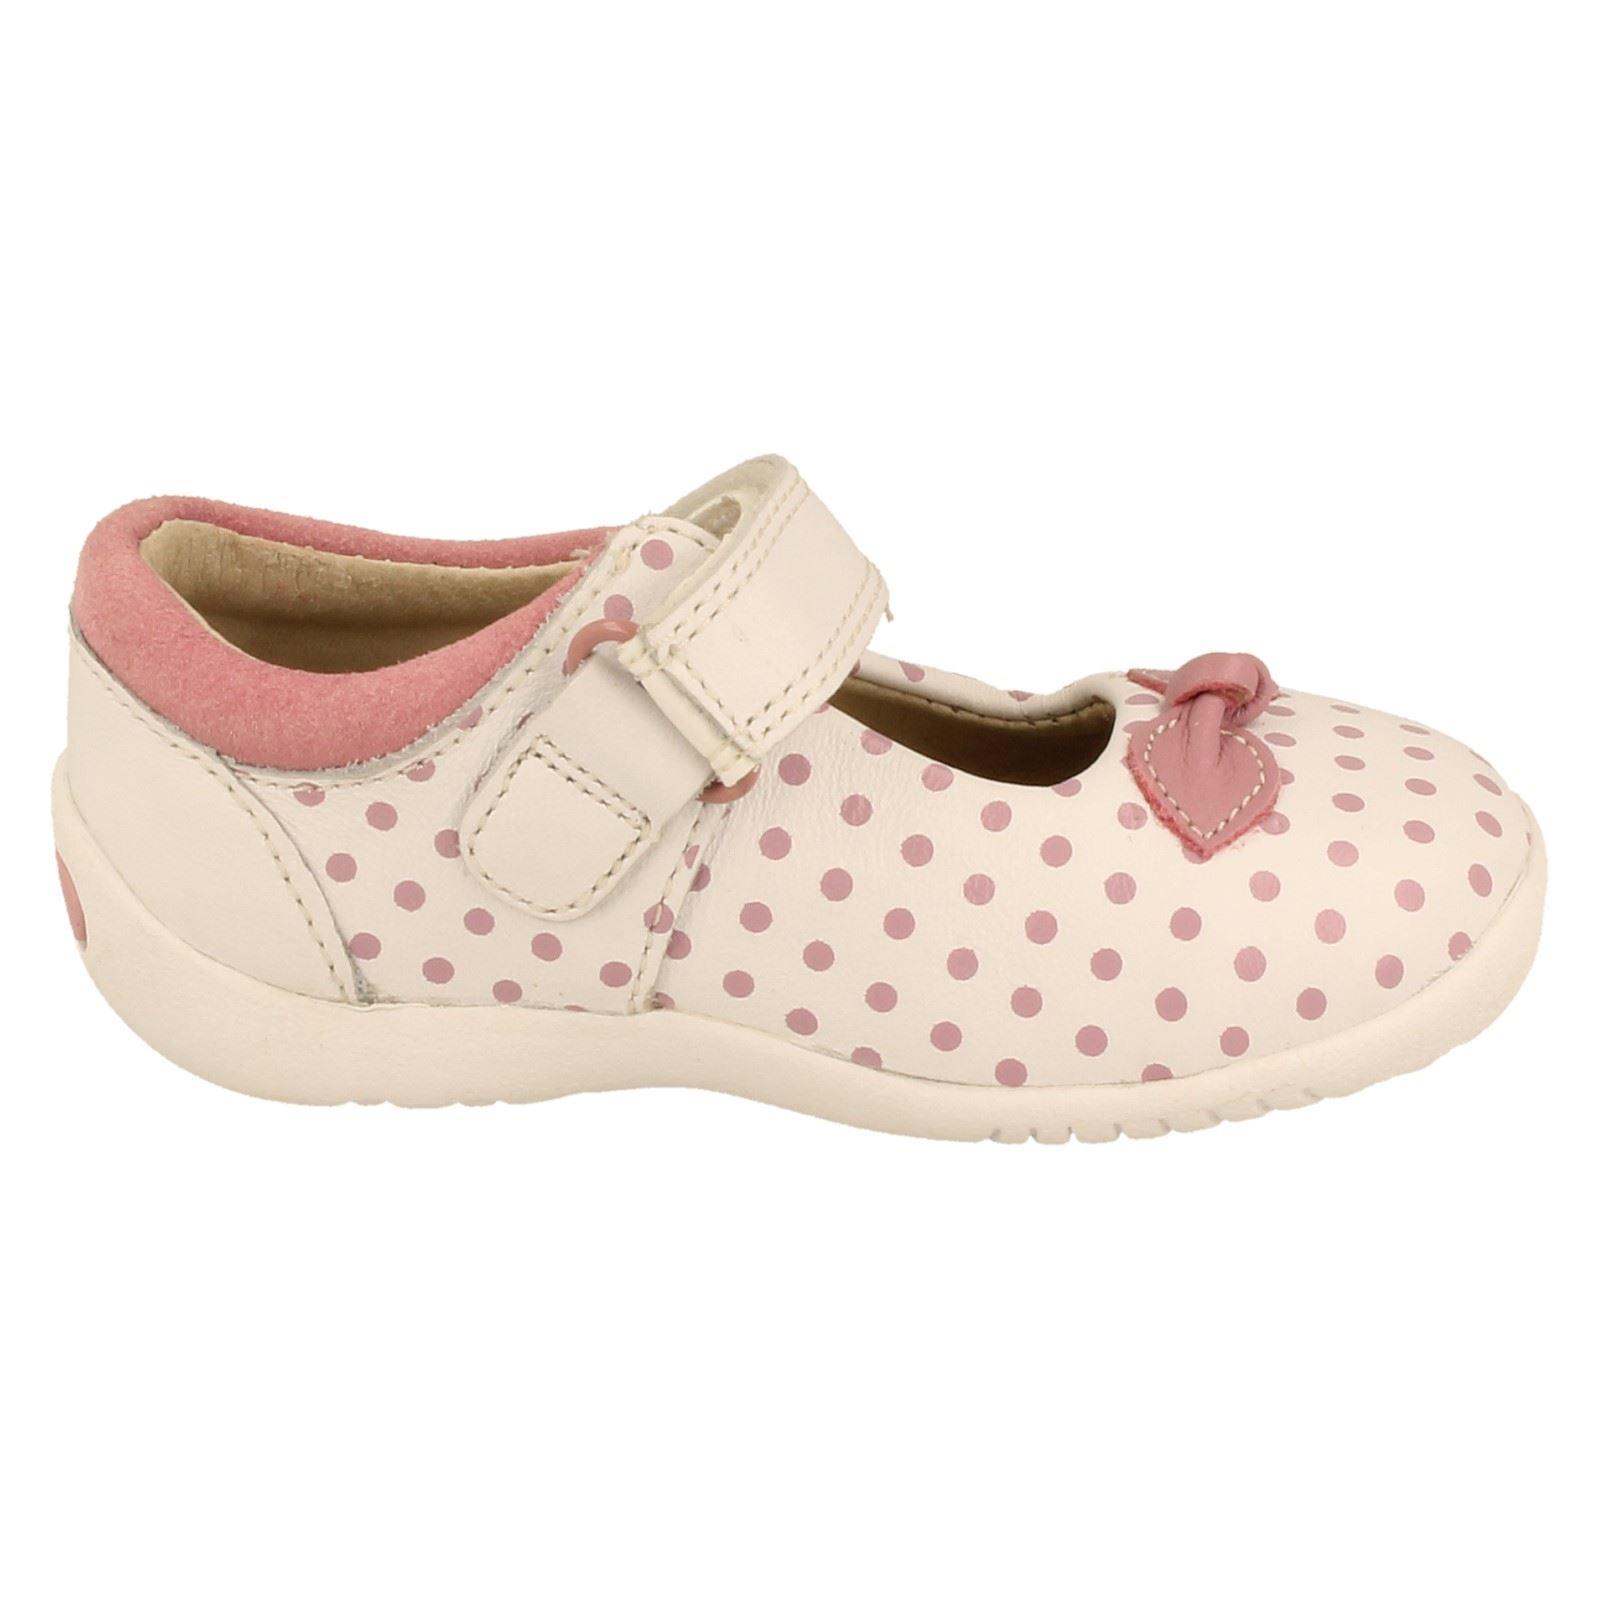 Chicas Clarks Primero Zapatos El Estilo Mary Jane suavemente Dotty-W